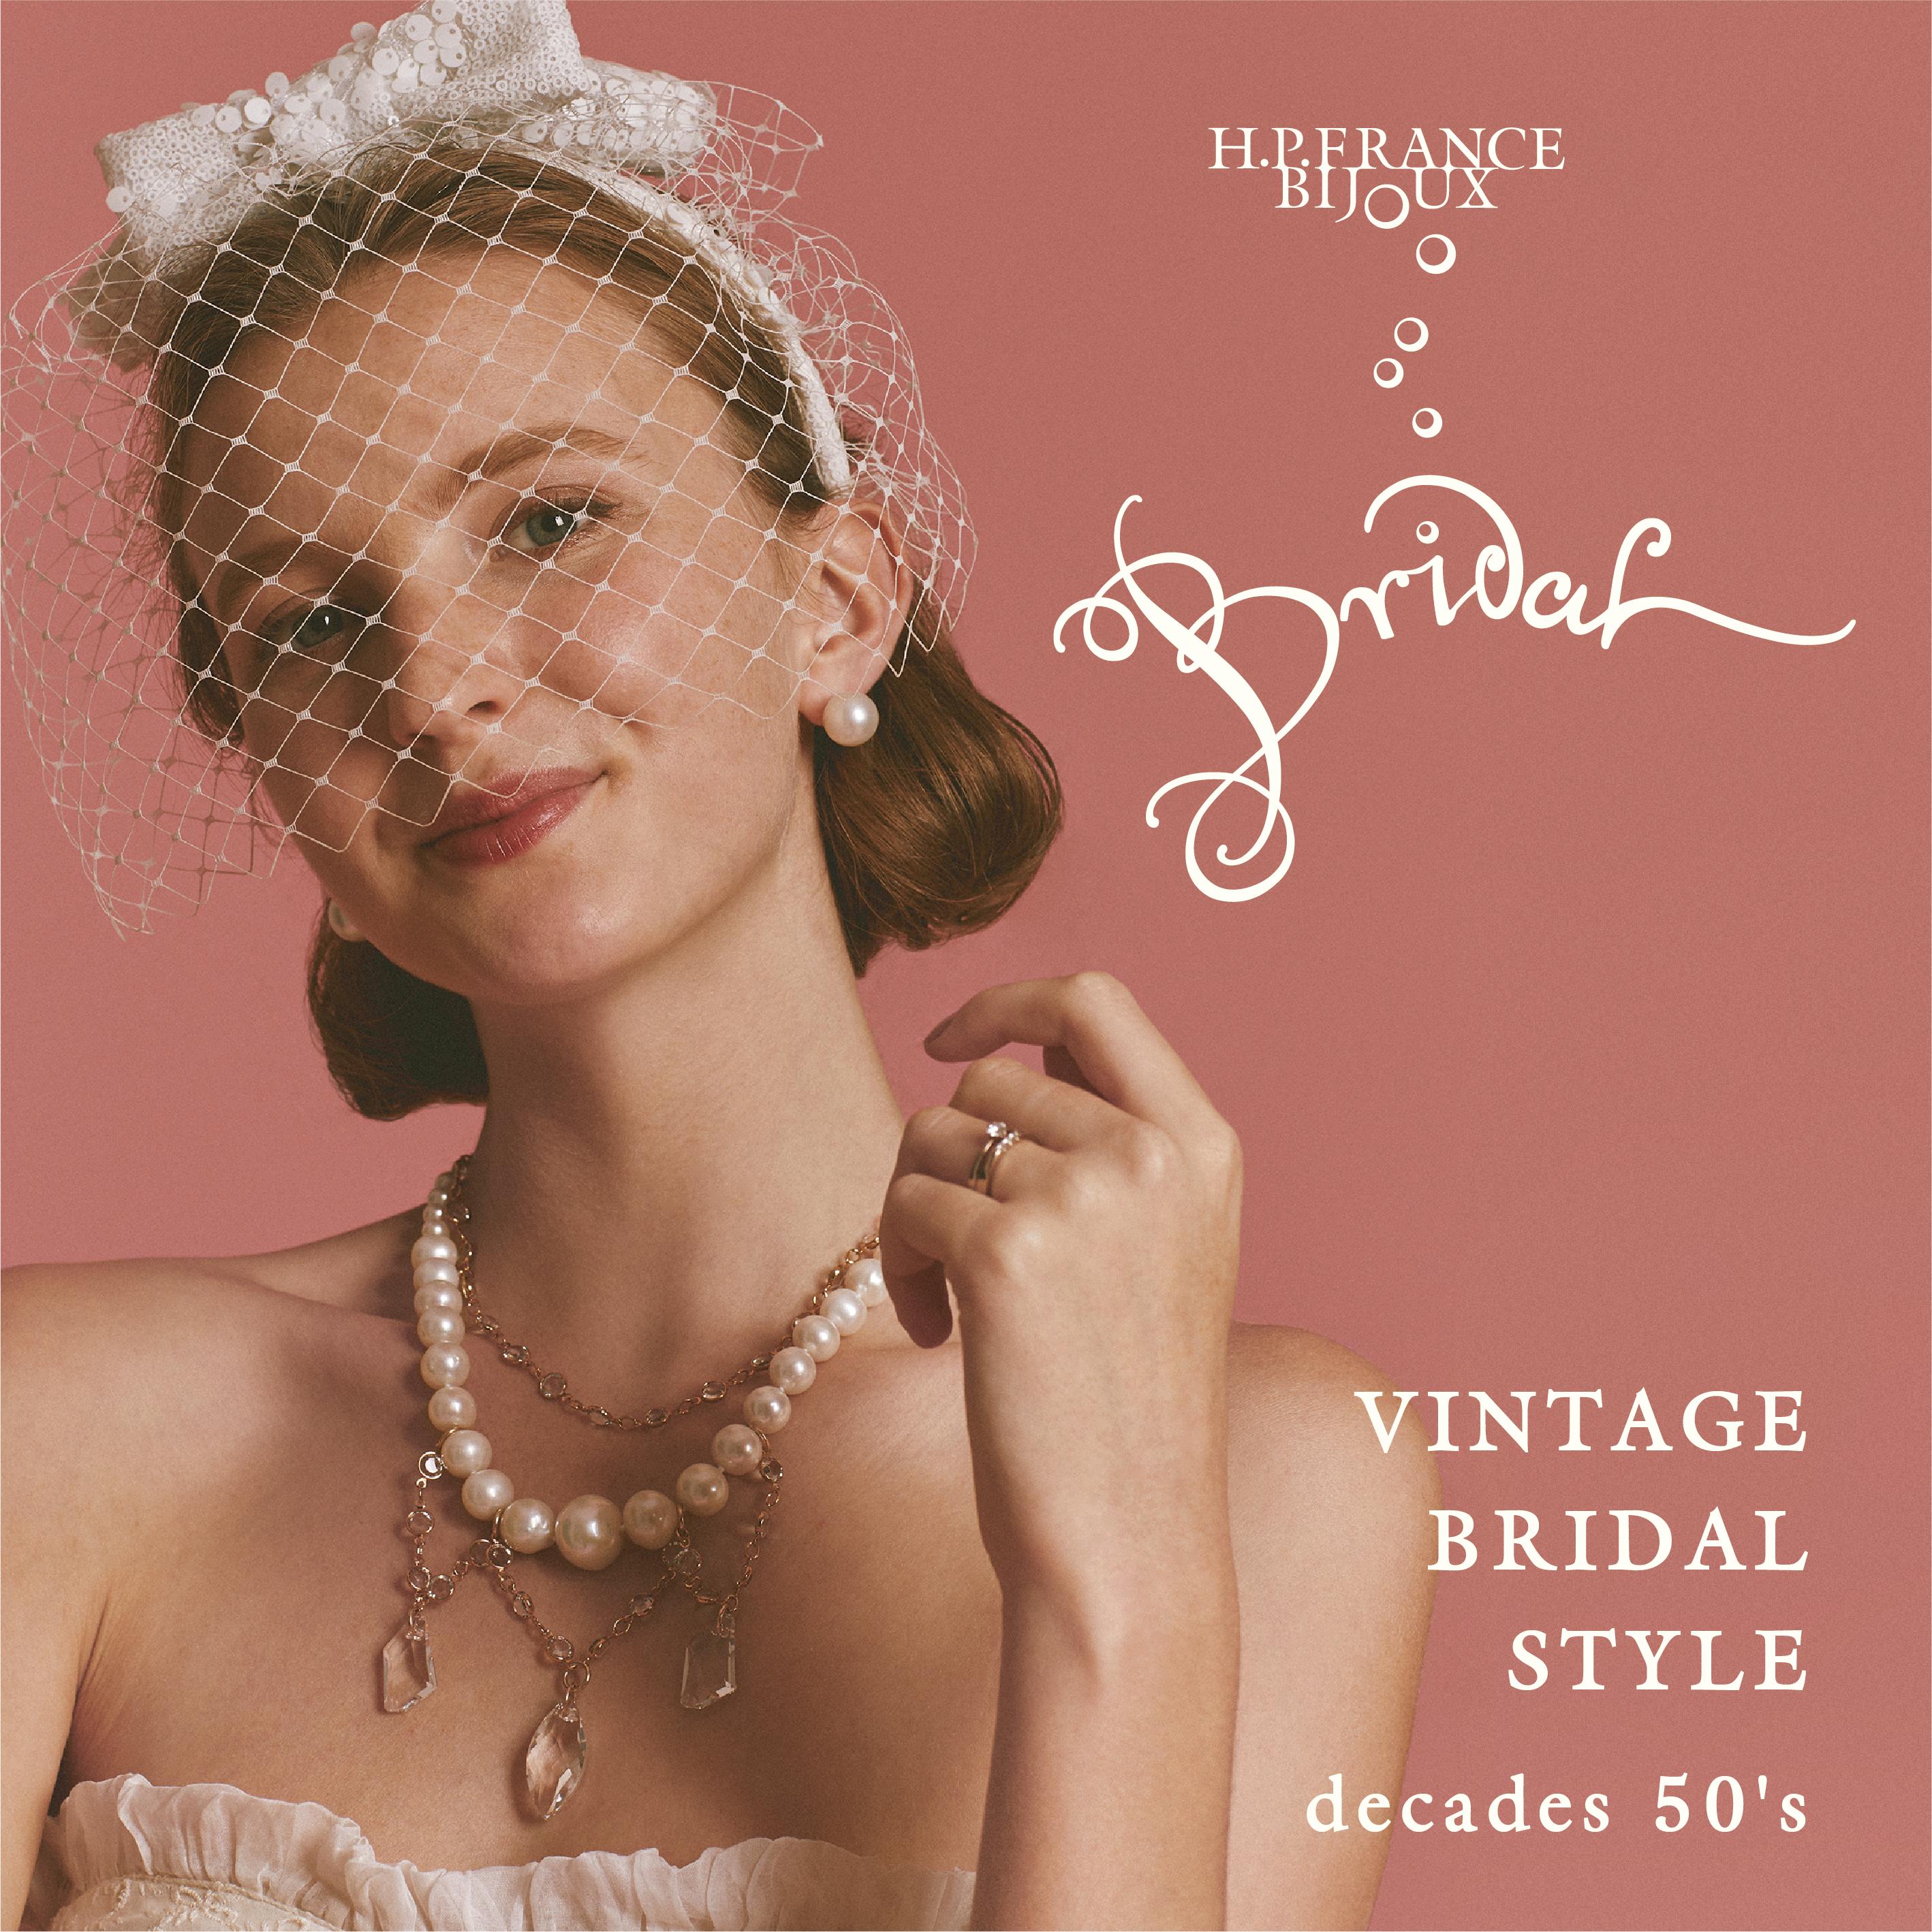 be7c7a6512d42 ... 年代・70年代の5つの女性像を提案し、ロンドンやNYで買い付けしたヴィンテージのウエディングドレスに合わせ て、ジュエリーのコーディネートを体験できる。